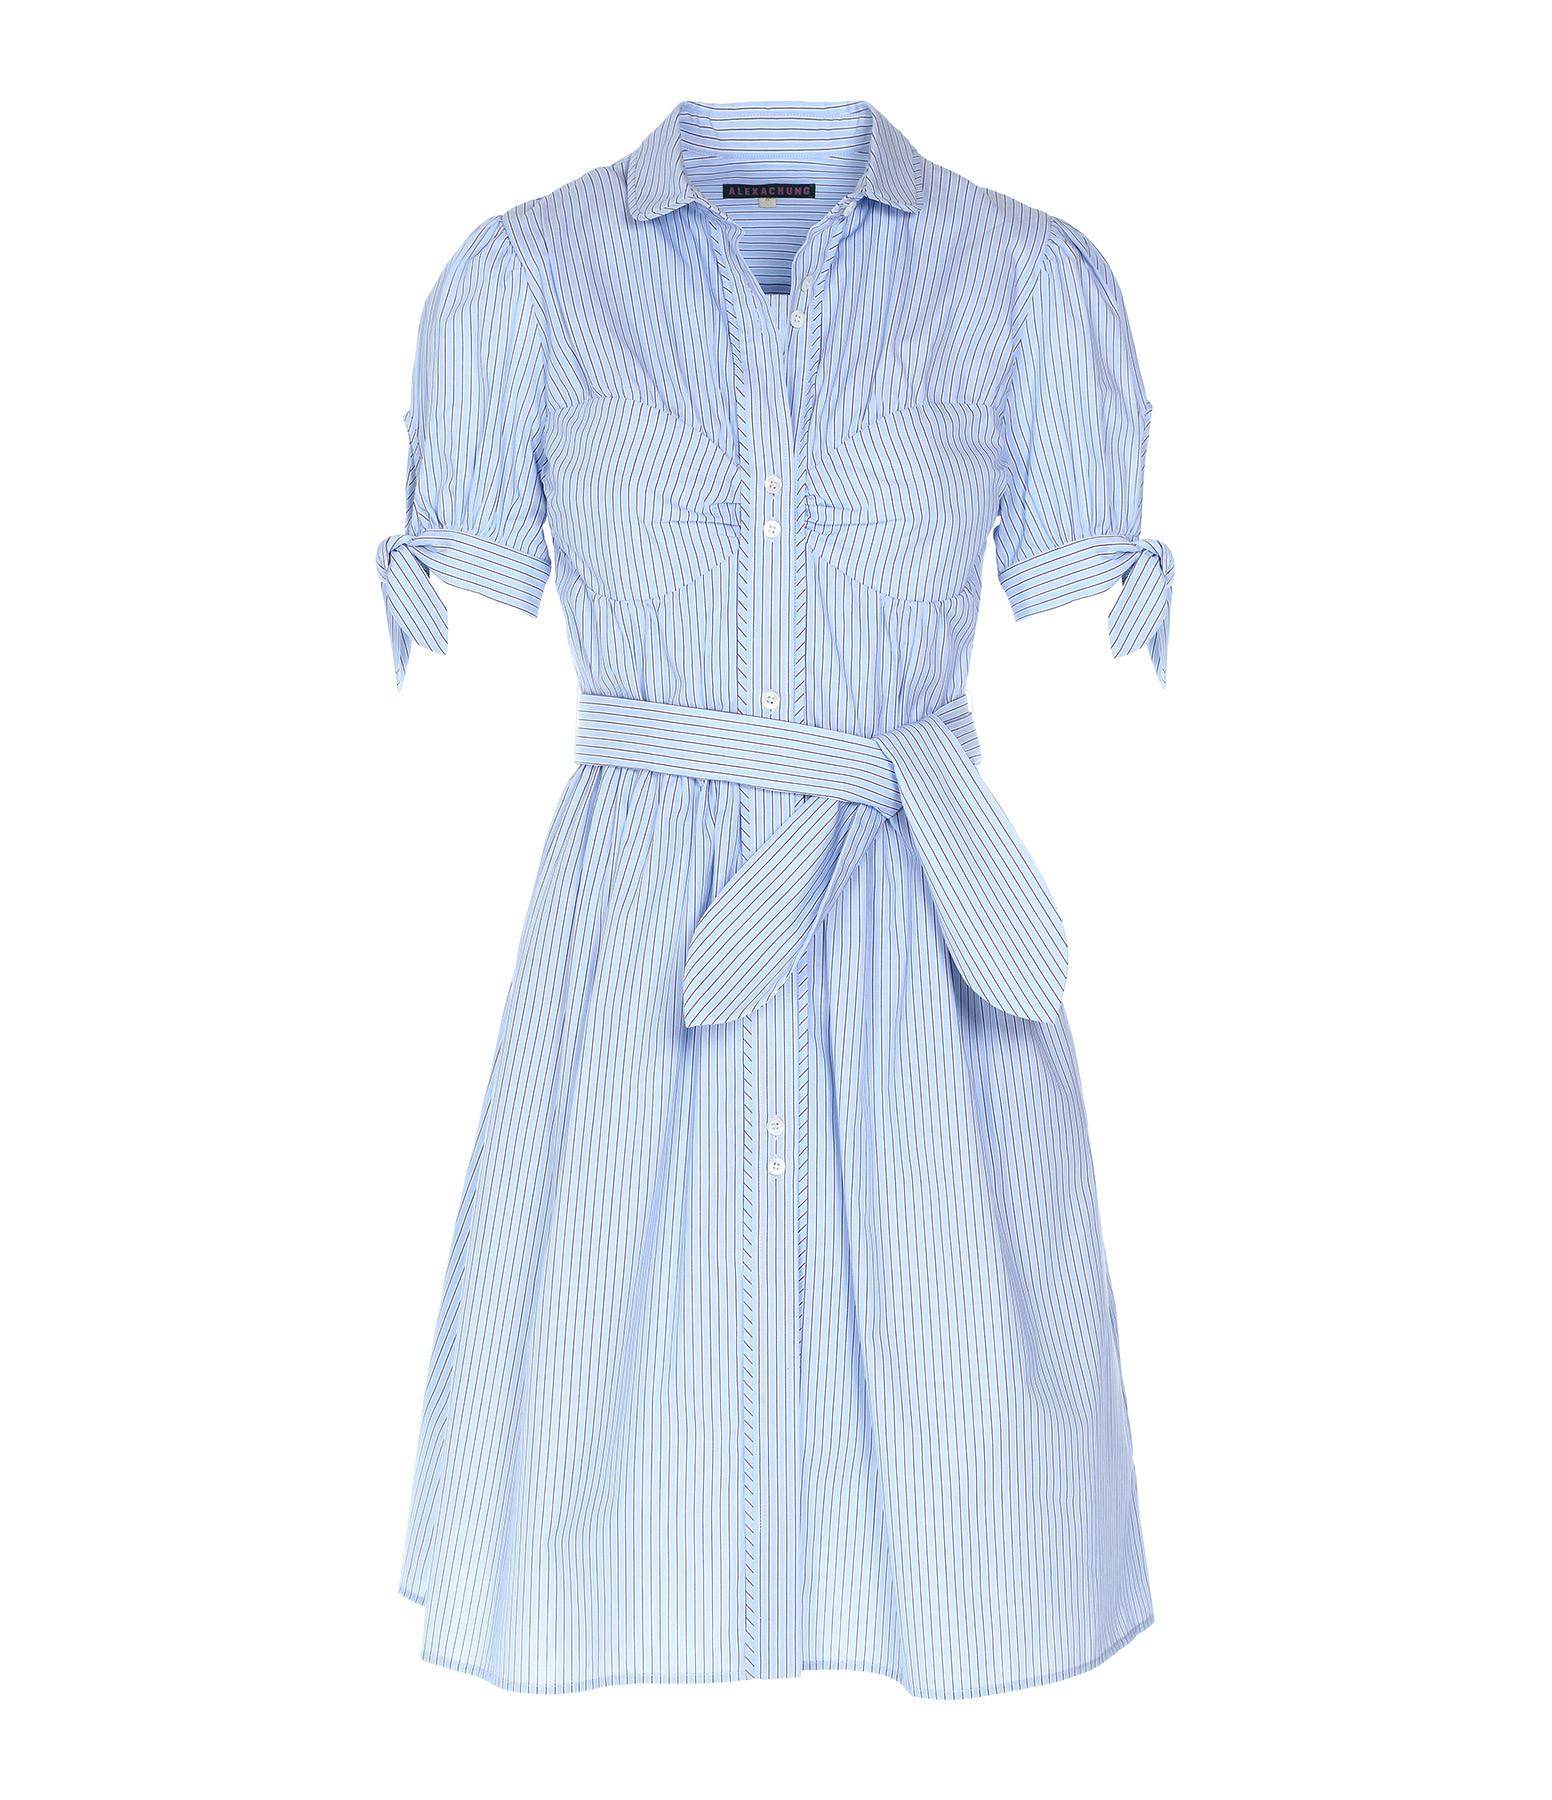 ALEXA CHUNG - Robe Noeud Rayures Bleu